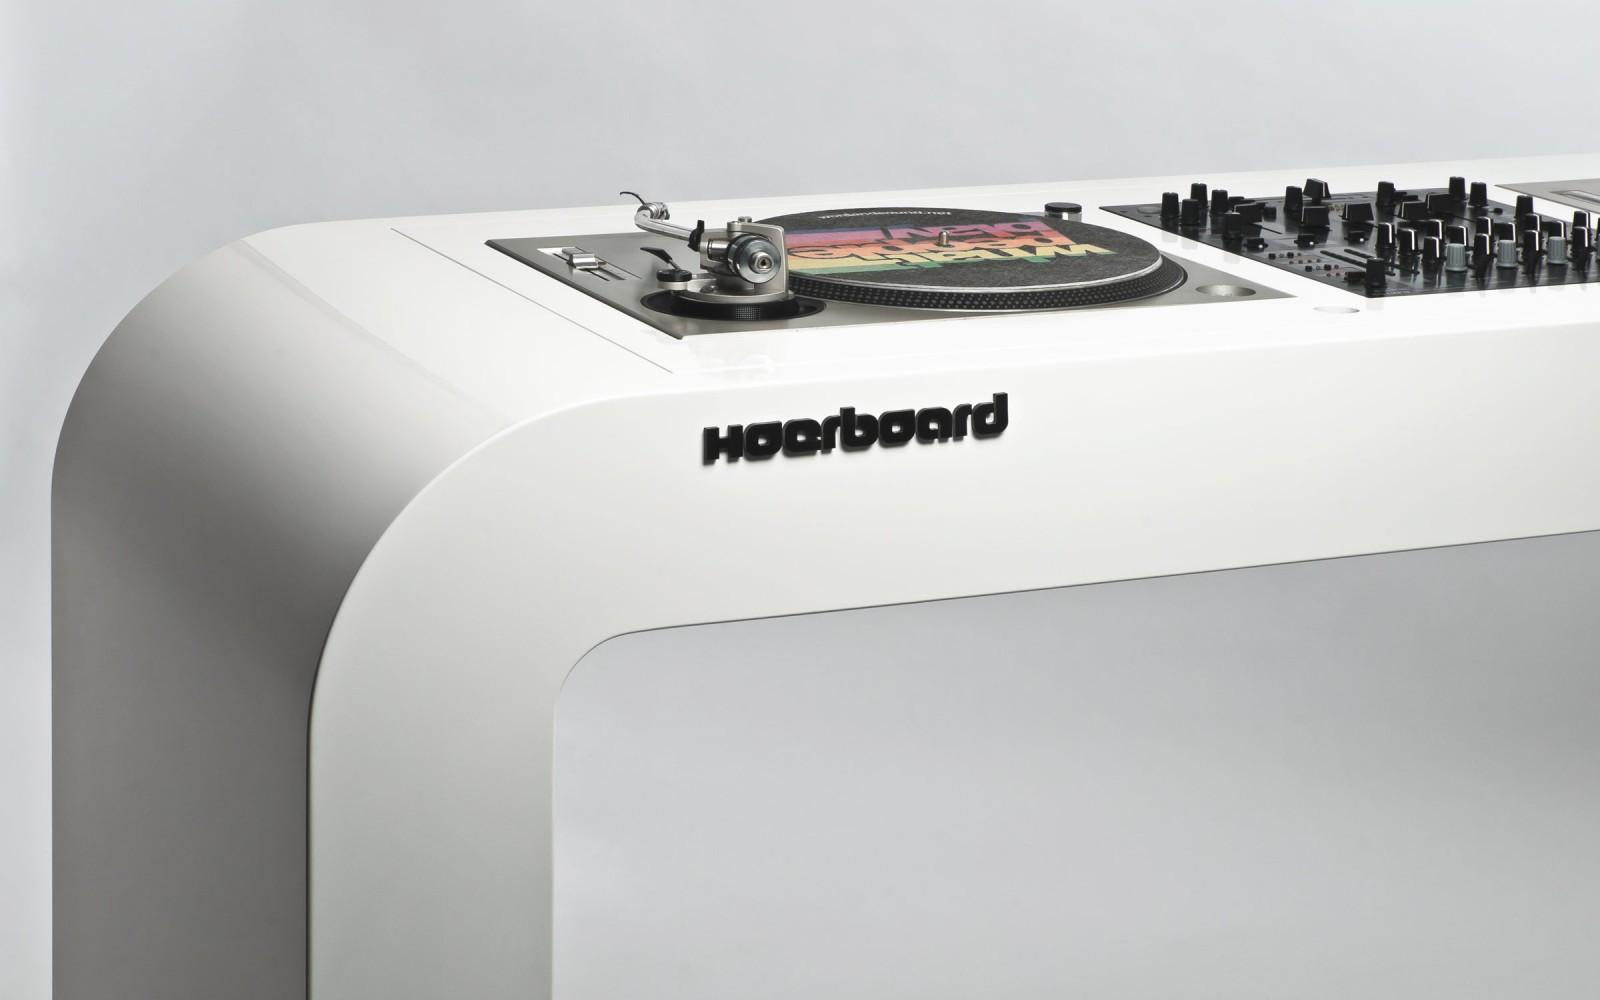 Hoerboard